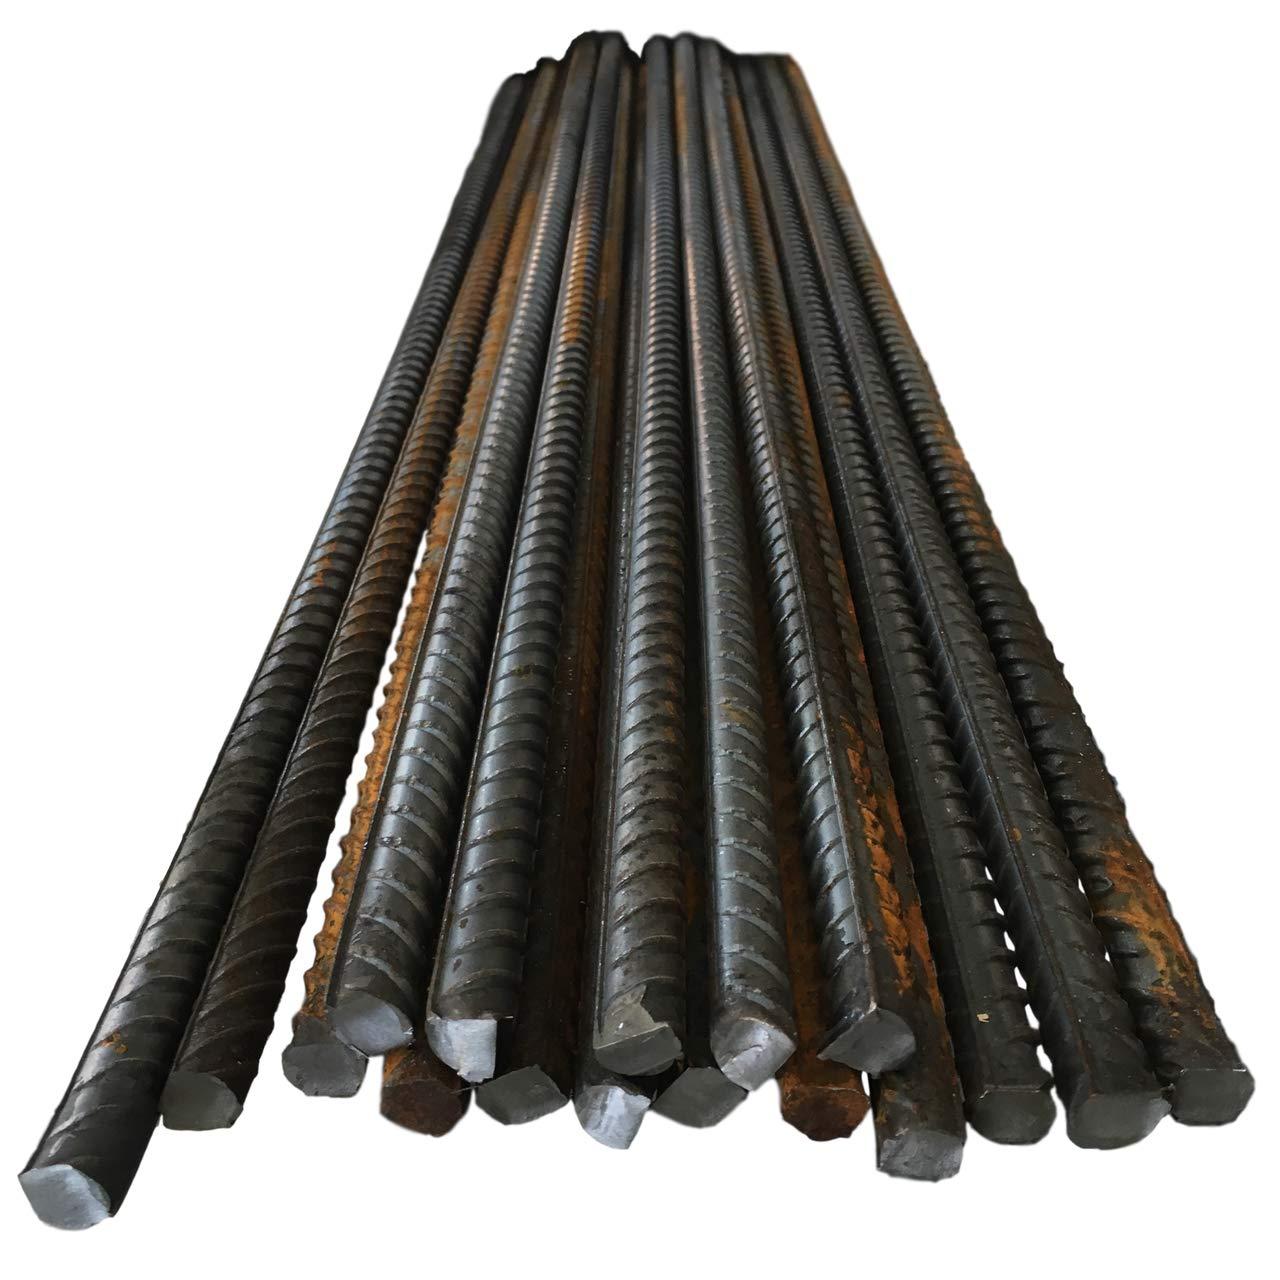 8 mm 2 longitudes 10 mm y 12 mm de di/ámetro Barra de refuerzo de acero para refuerzo de hormig/ón barra de metal acanalada de alta resistencia